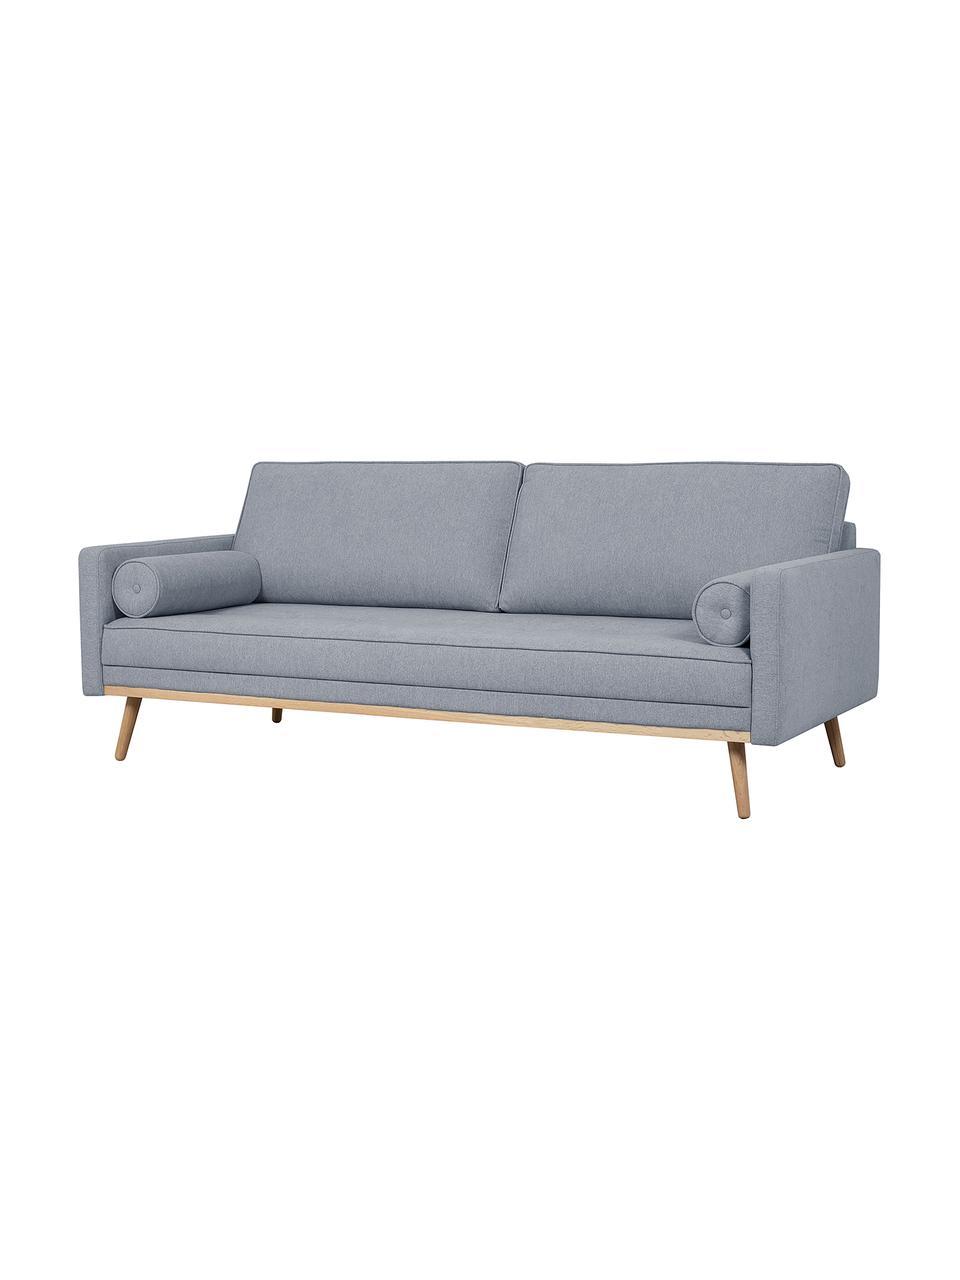 Sofa z nogami z drewna dębowego Saint (3-osobowa), Tapicerka: poliester Dzięki tkaninie, Niebieskoszary, S 210 x W 70 cm